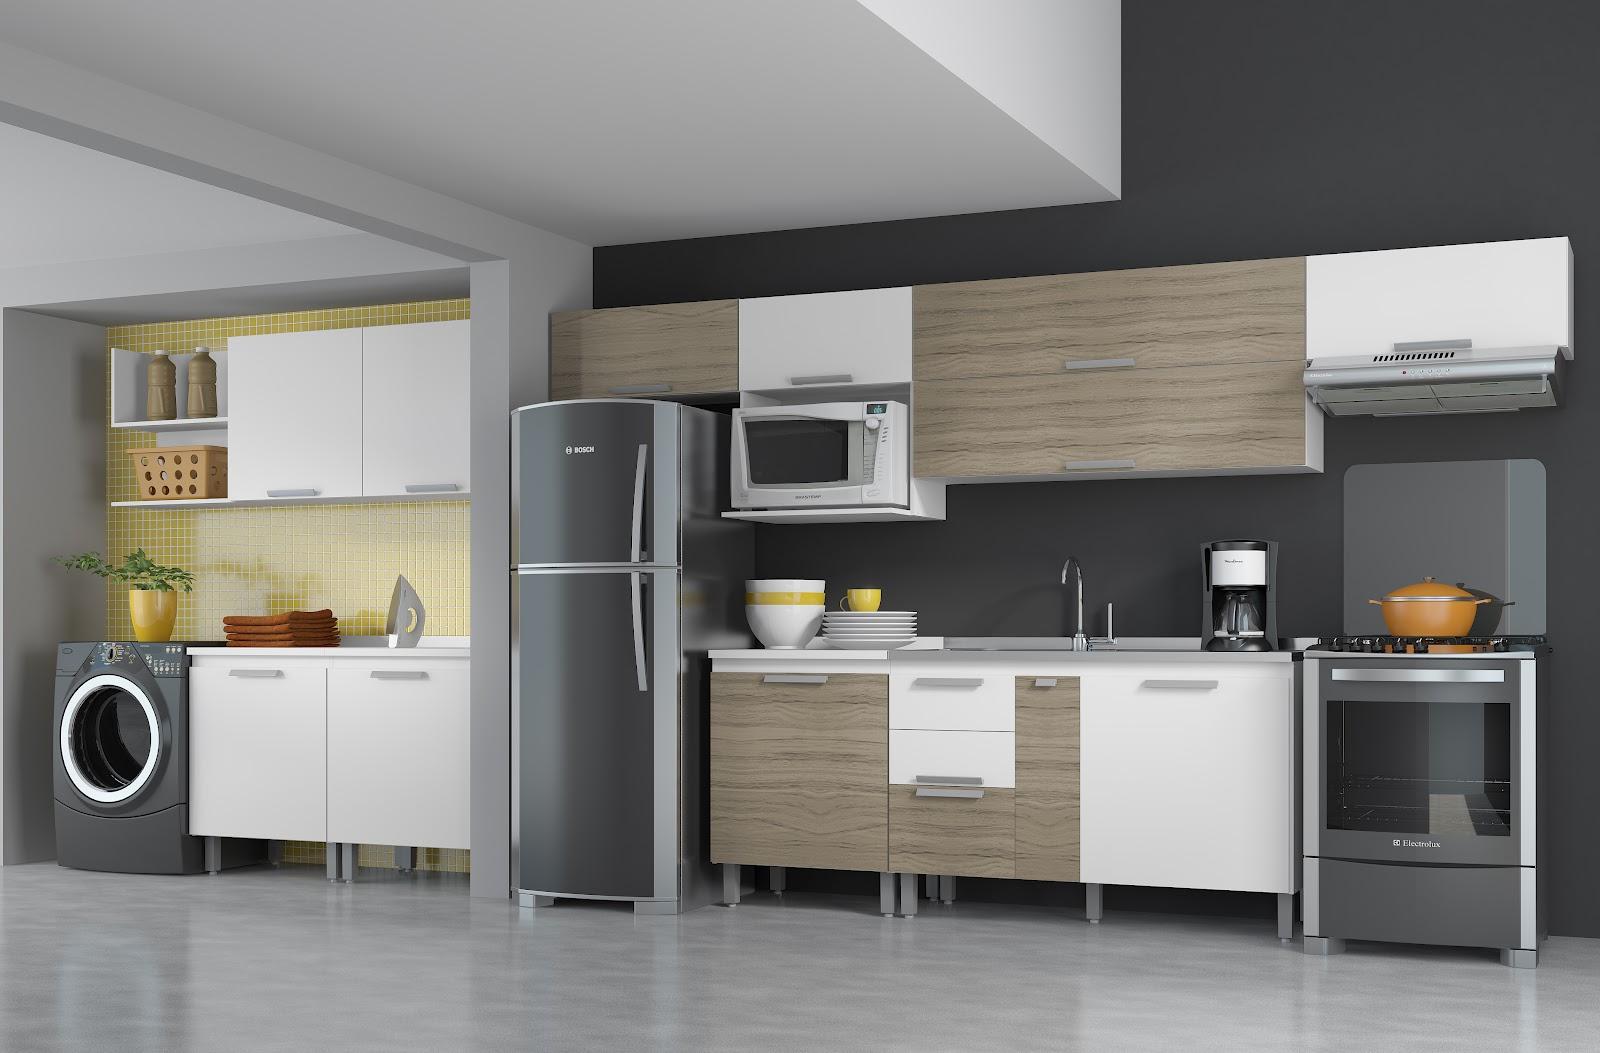 cozinha e area de servico integradas:sexta feira 17 de agosto de 2012 #634934 1600 1053